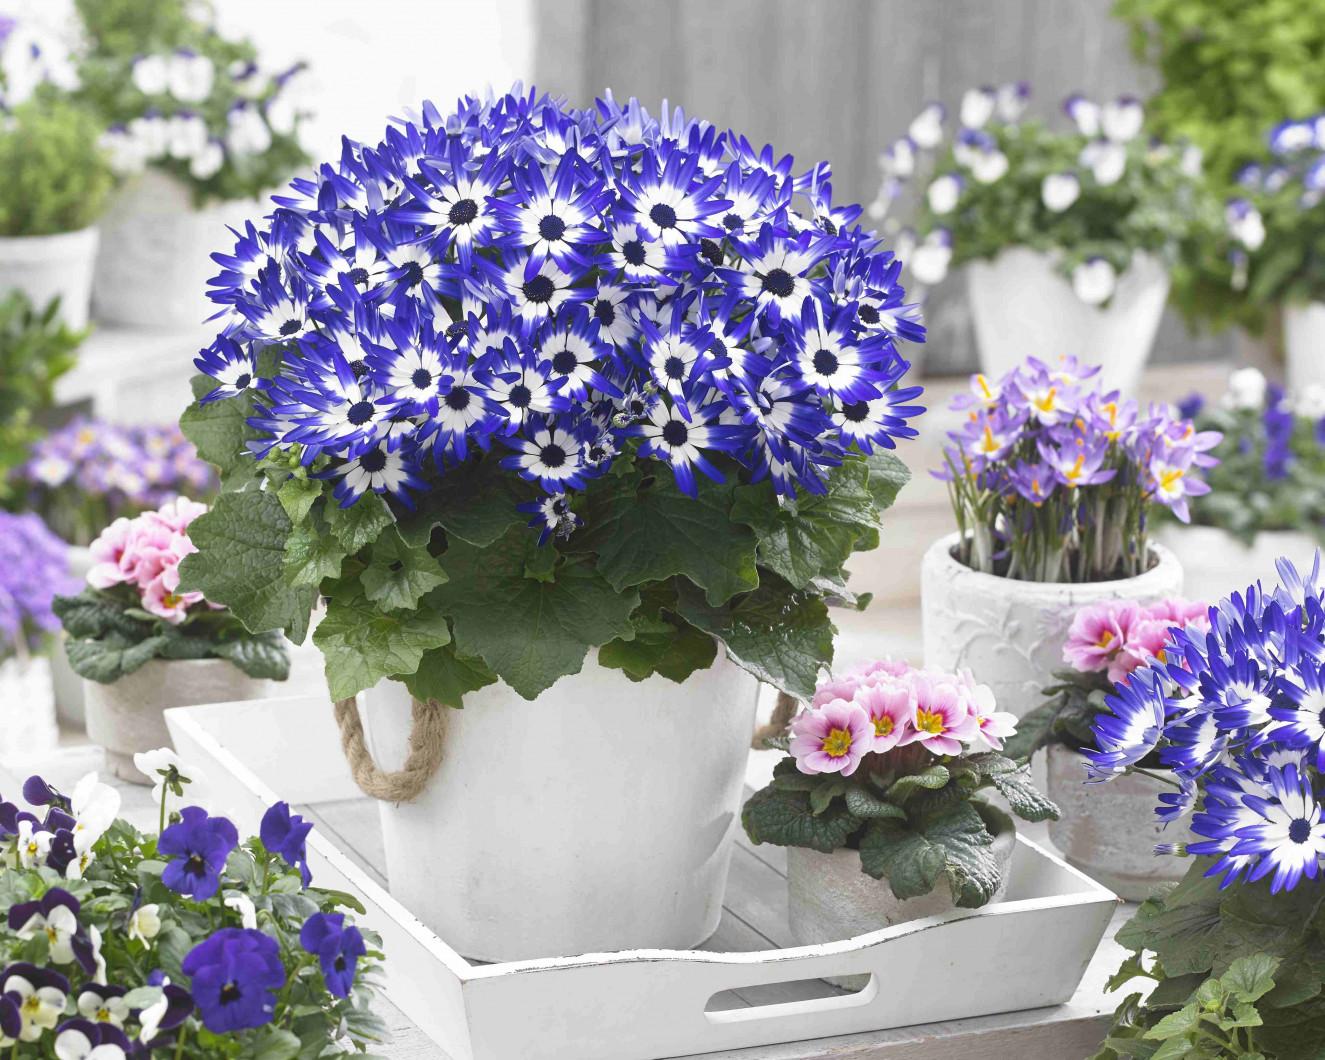 01 Senetti Blue bicolor 3076.jpg